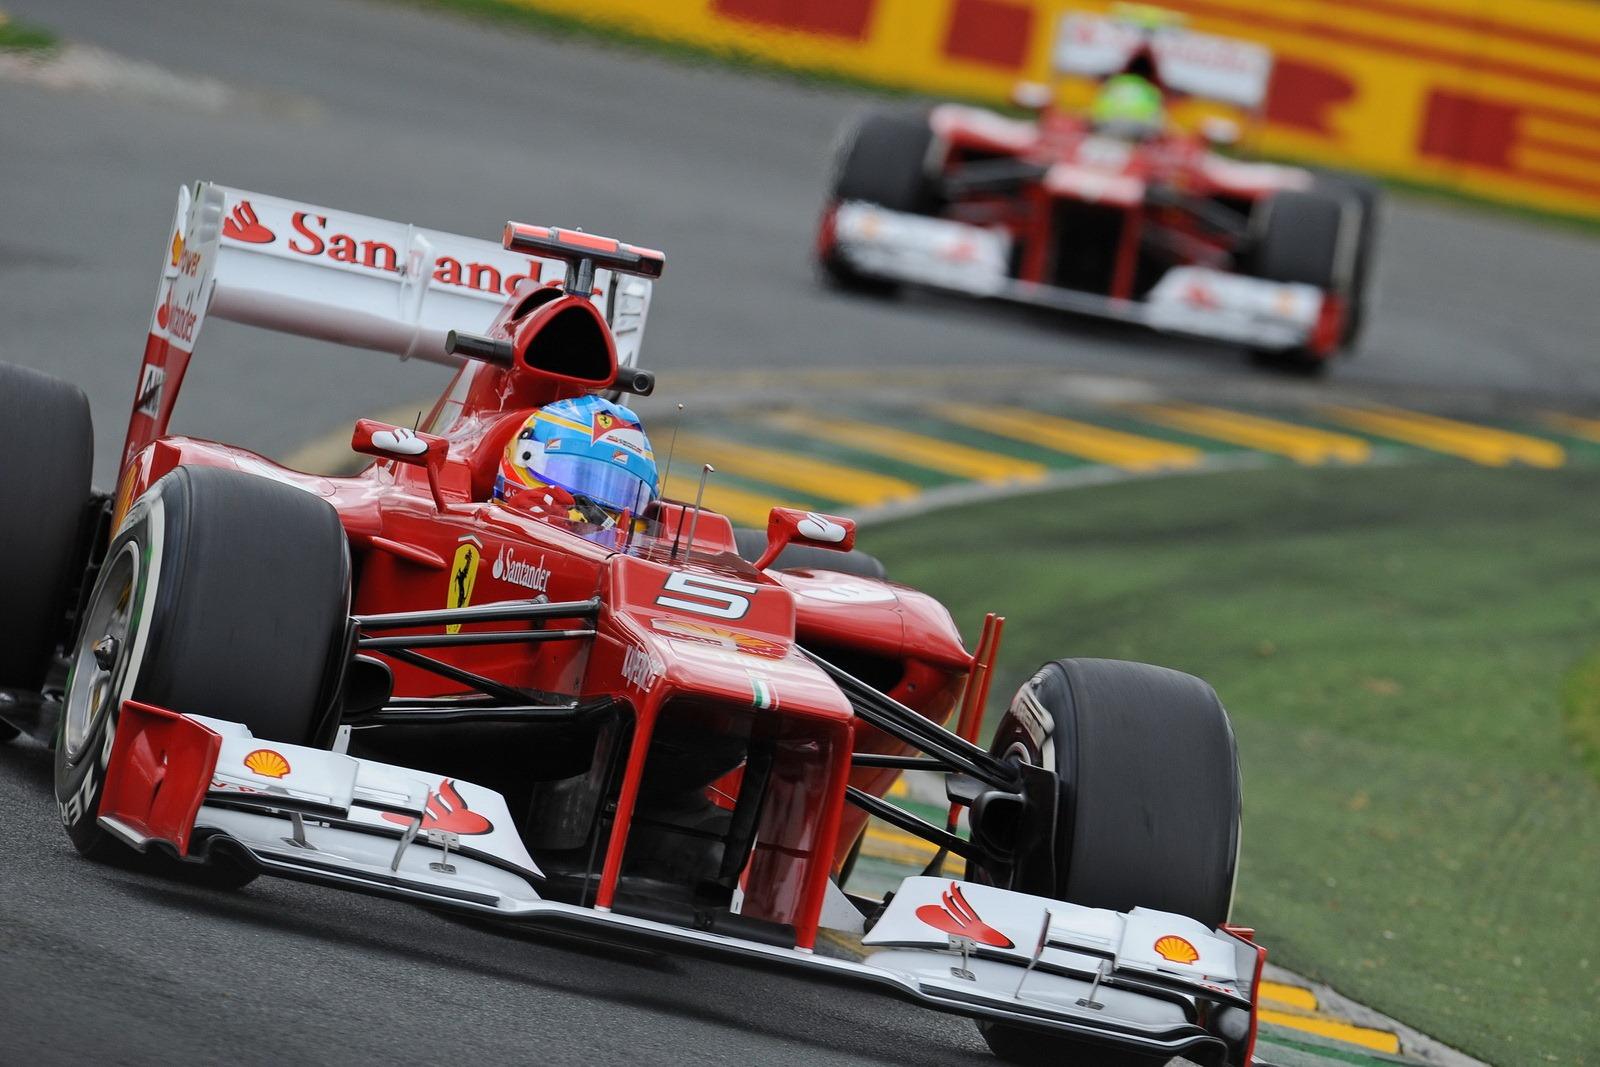 F2012 оставила Алонсо в шаге от чемпионства